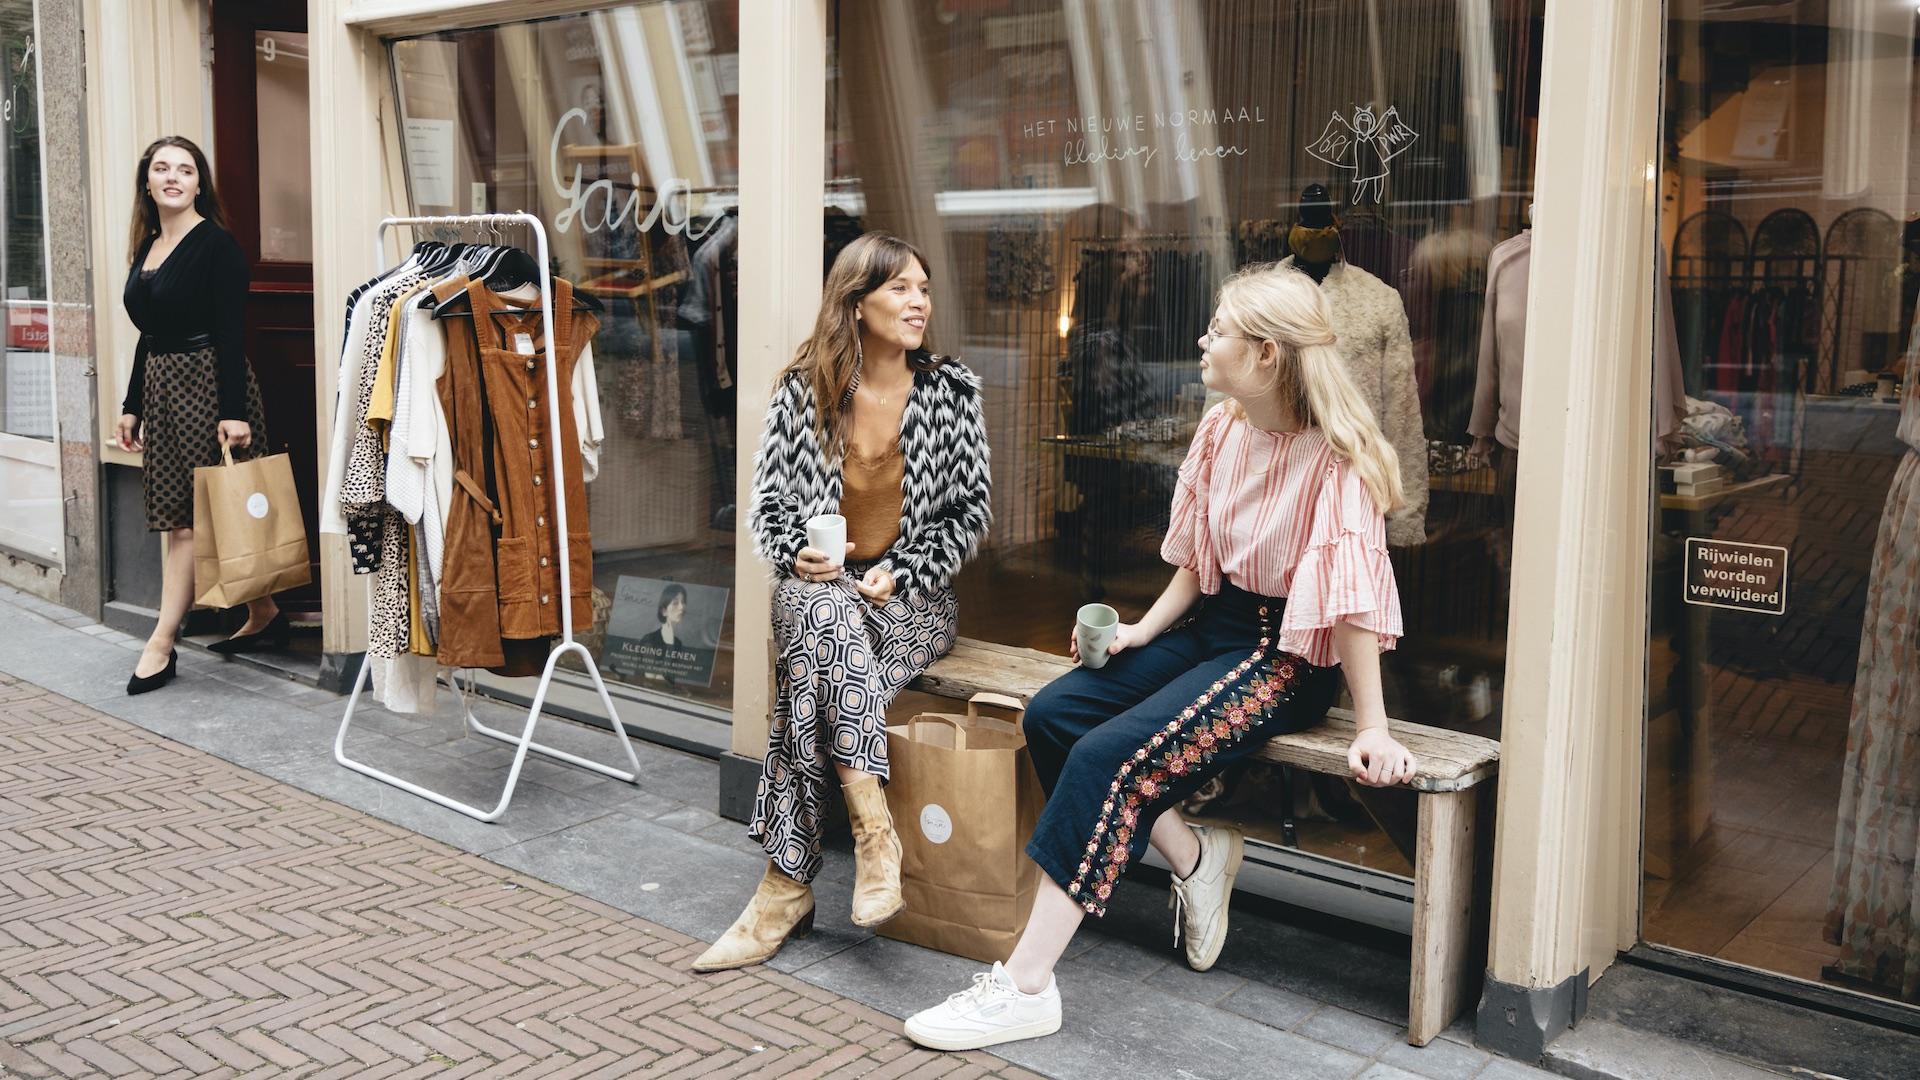 twee vrouwen zitten op bankje voor kledingwinkel